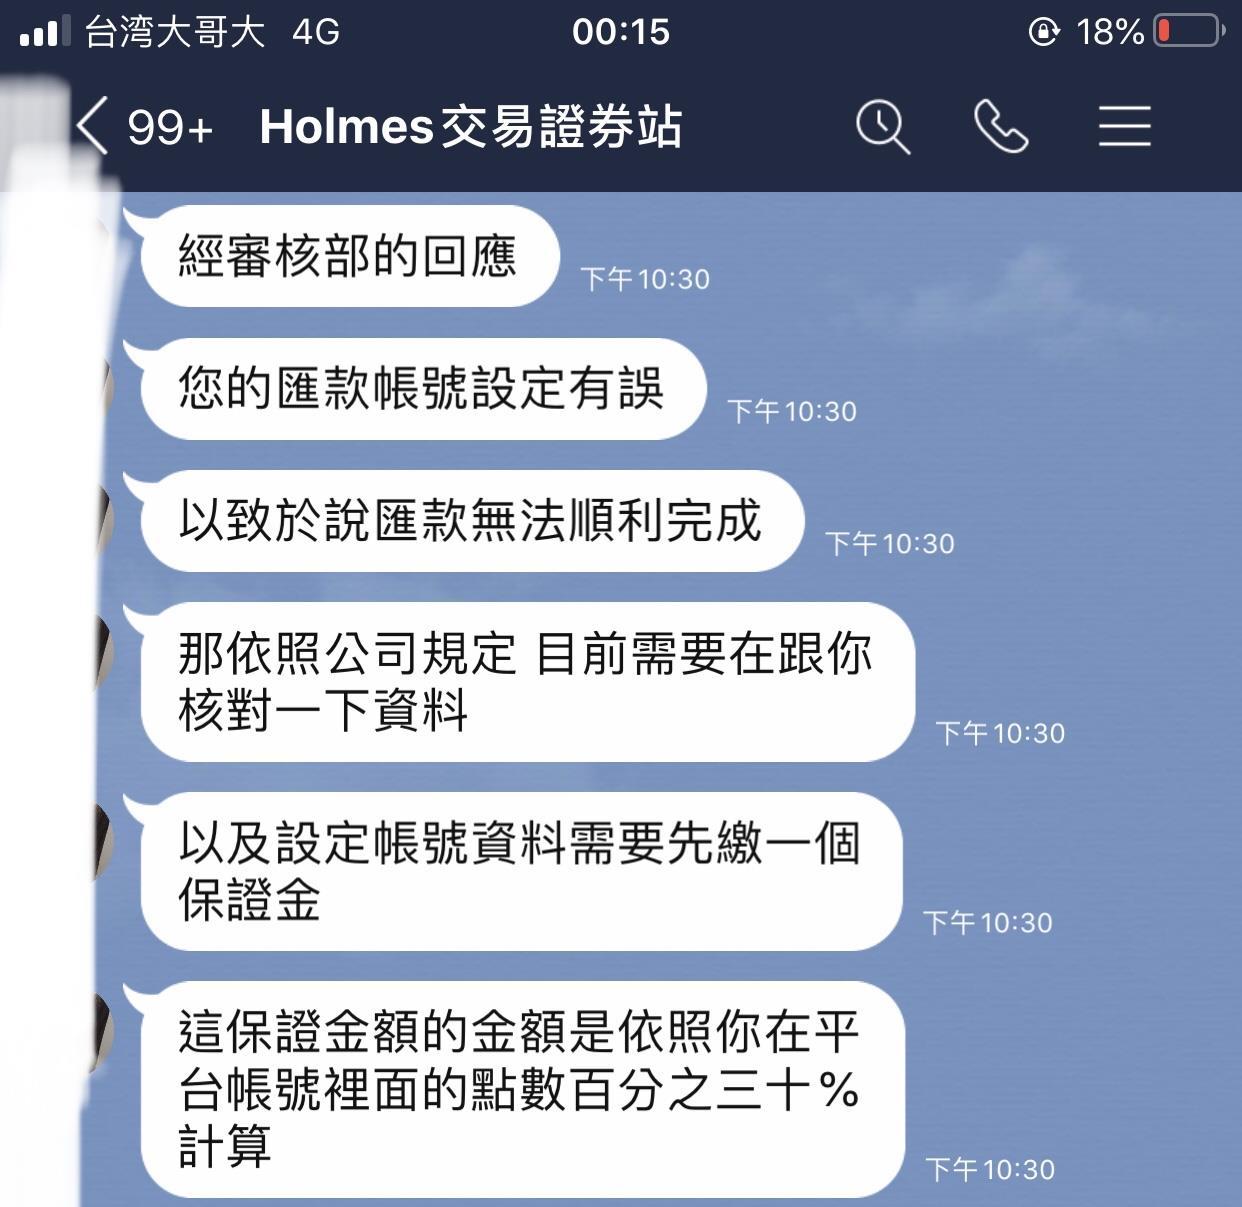 Holmes交易證券站 有人知道這個網站是詐騙嗎? 我要提領的時候他卻說什麼資料有問題